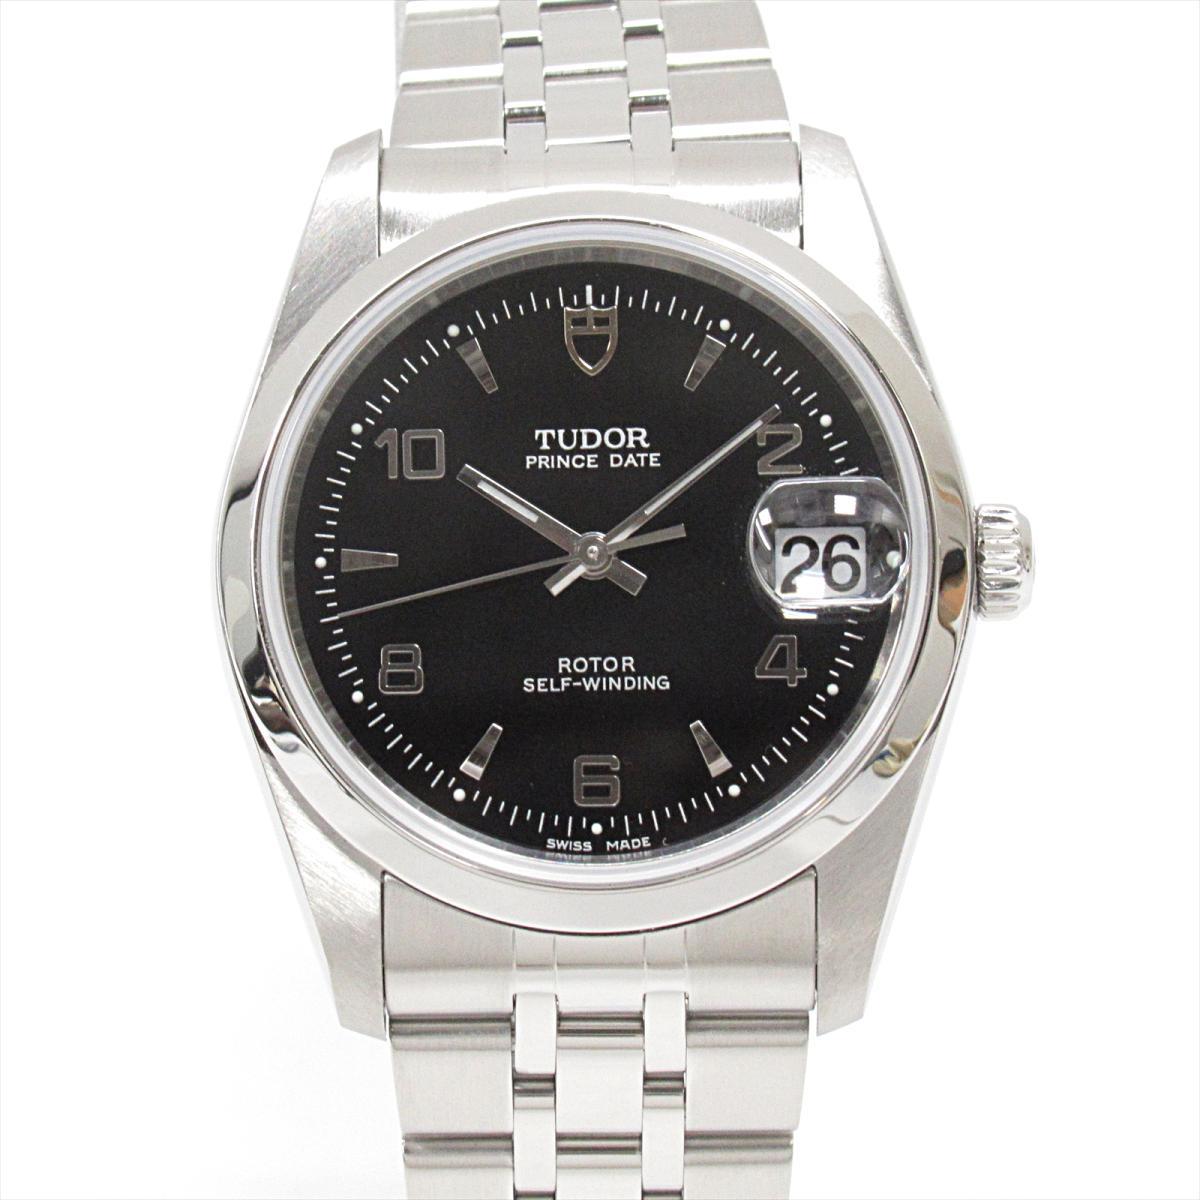 ≪期間限定≫メルマガ登録でクーポンGET! 【中古】 チュードル プリンスデイト 腕時計 ウォッチ メンズ レディース ステンレススチール (SS) (74000) | TUDOR BRANDOFF ブランドオフ ブランド ブランド時計 ブランド腕時計 時計